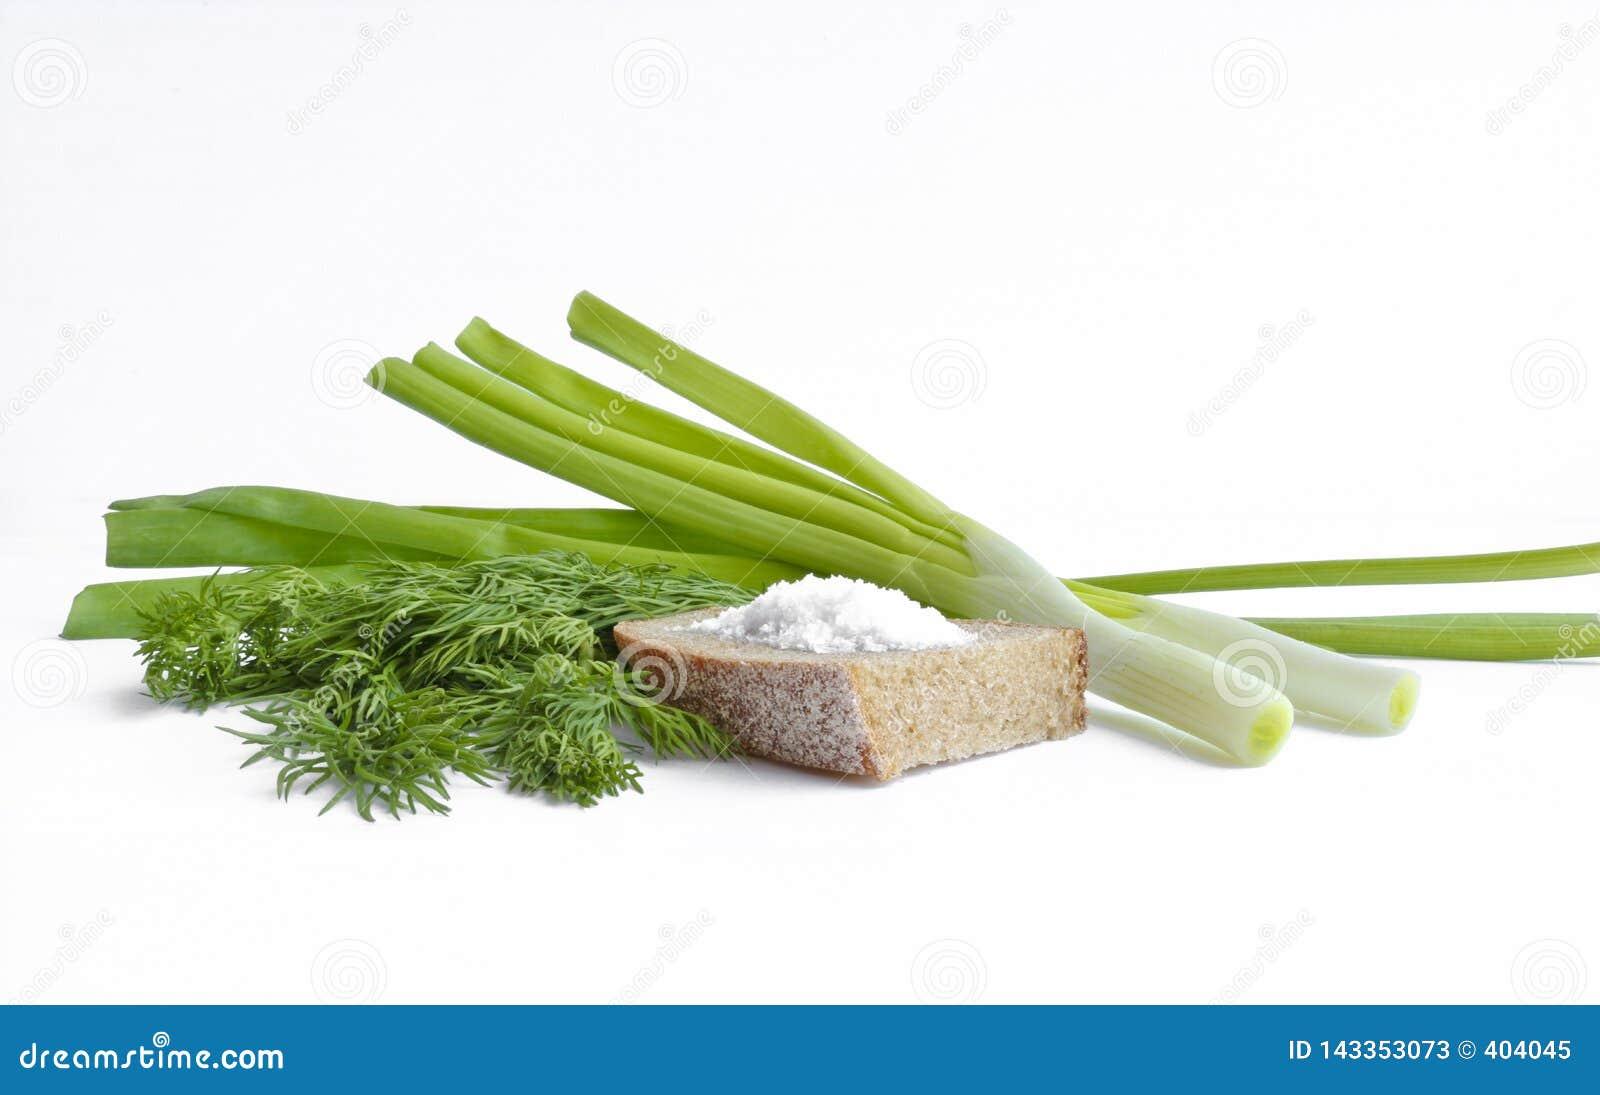 Cipolle verdi, aneto, pane di segale con sale grosso - natura morta